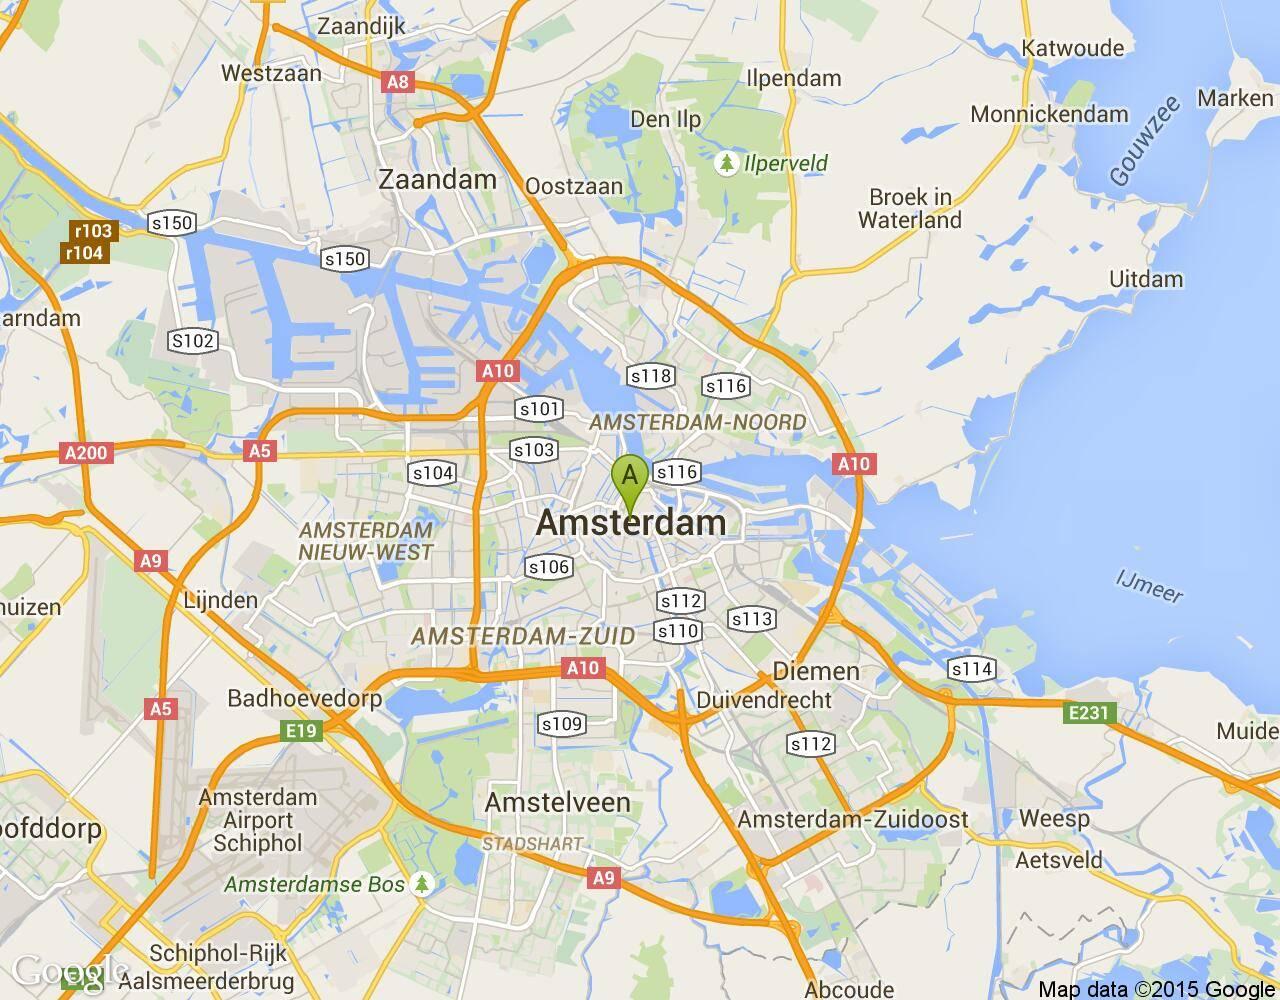 Экскурсия в амстердам из дюссельдорфа — 10 отзывов, цена 30 €